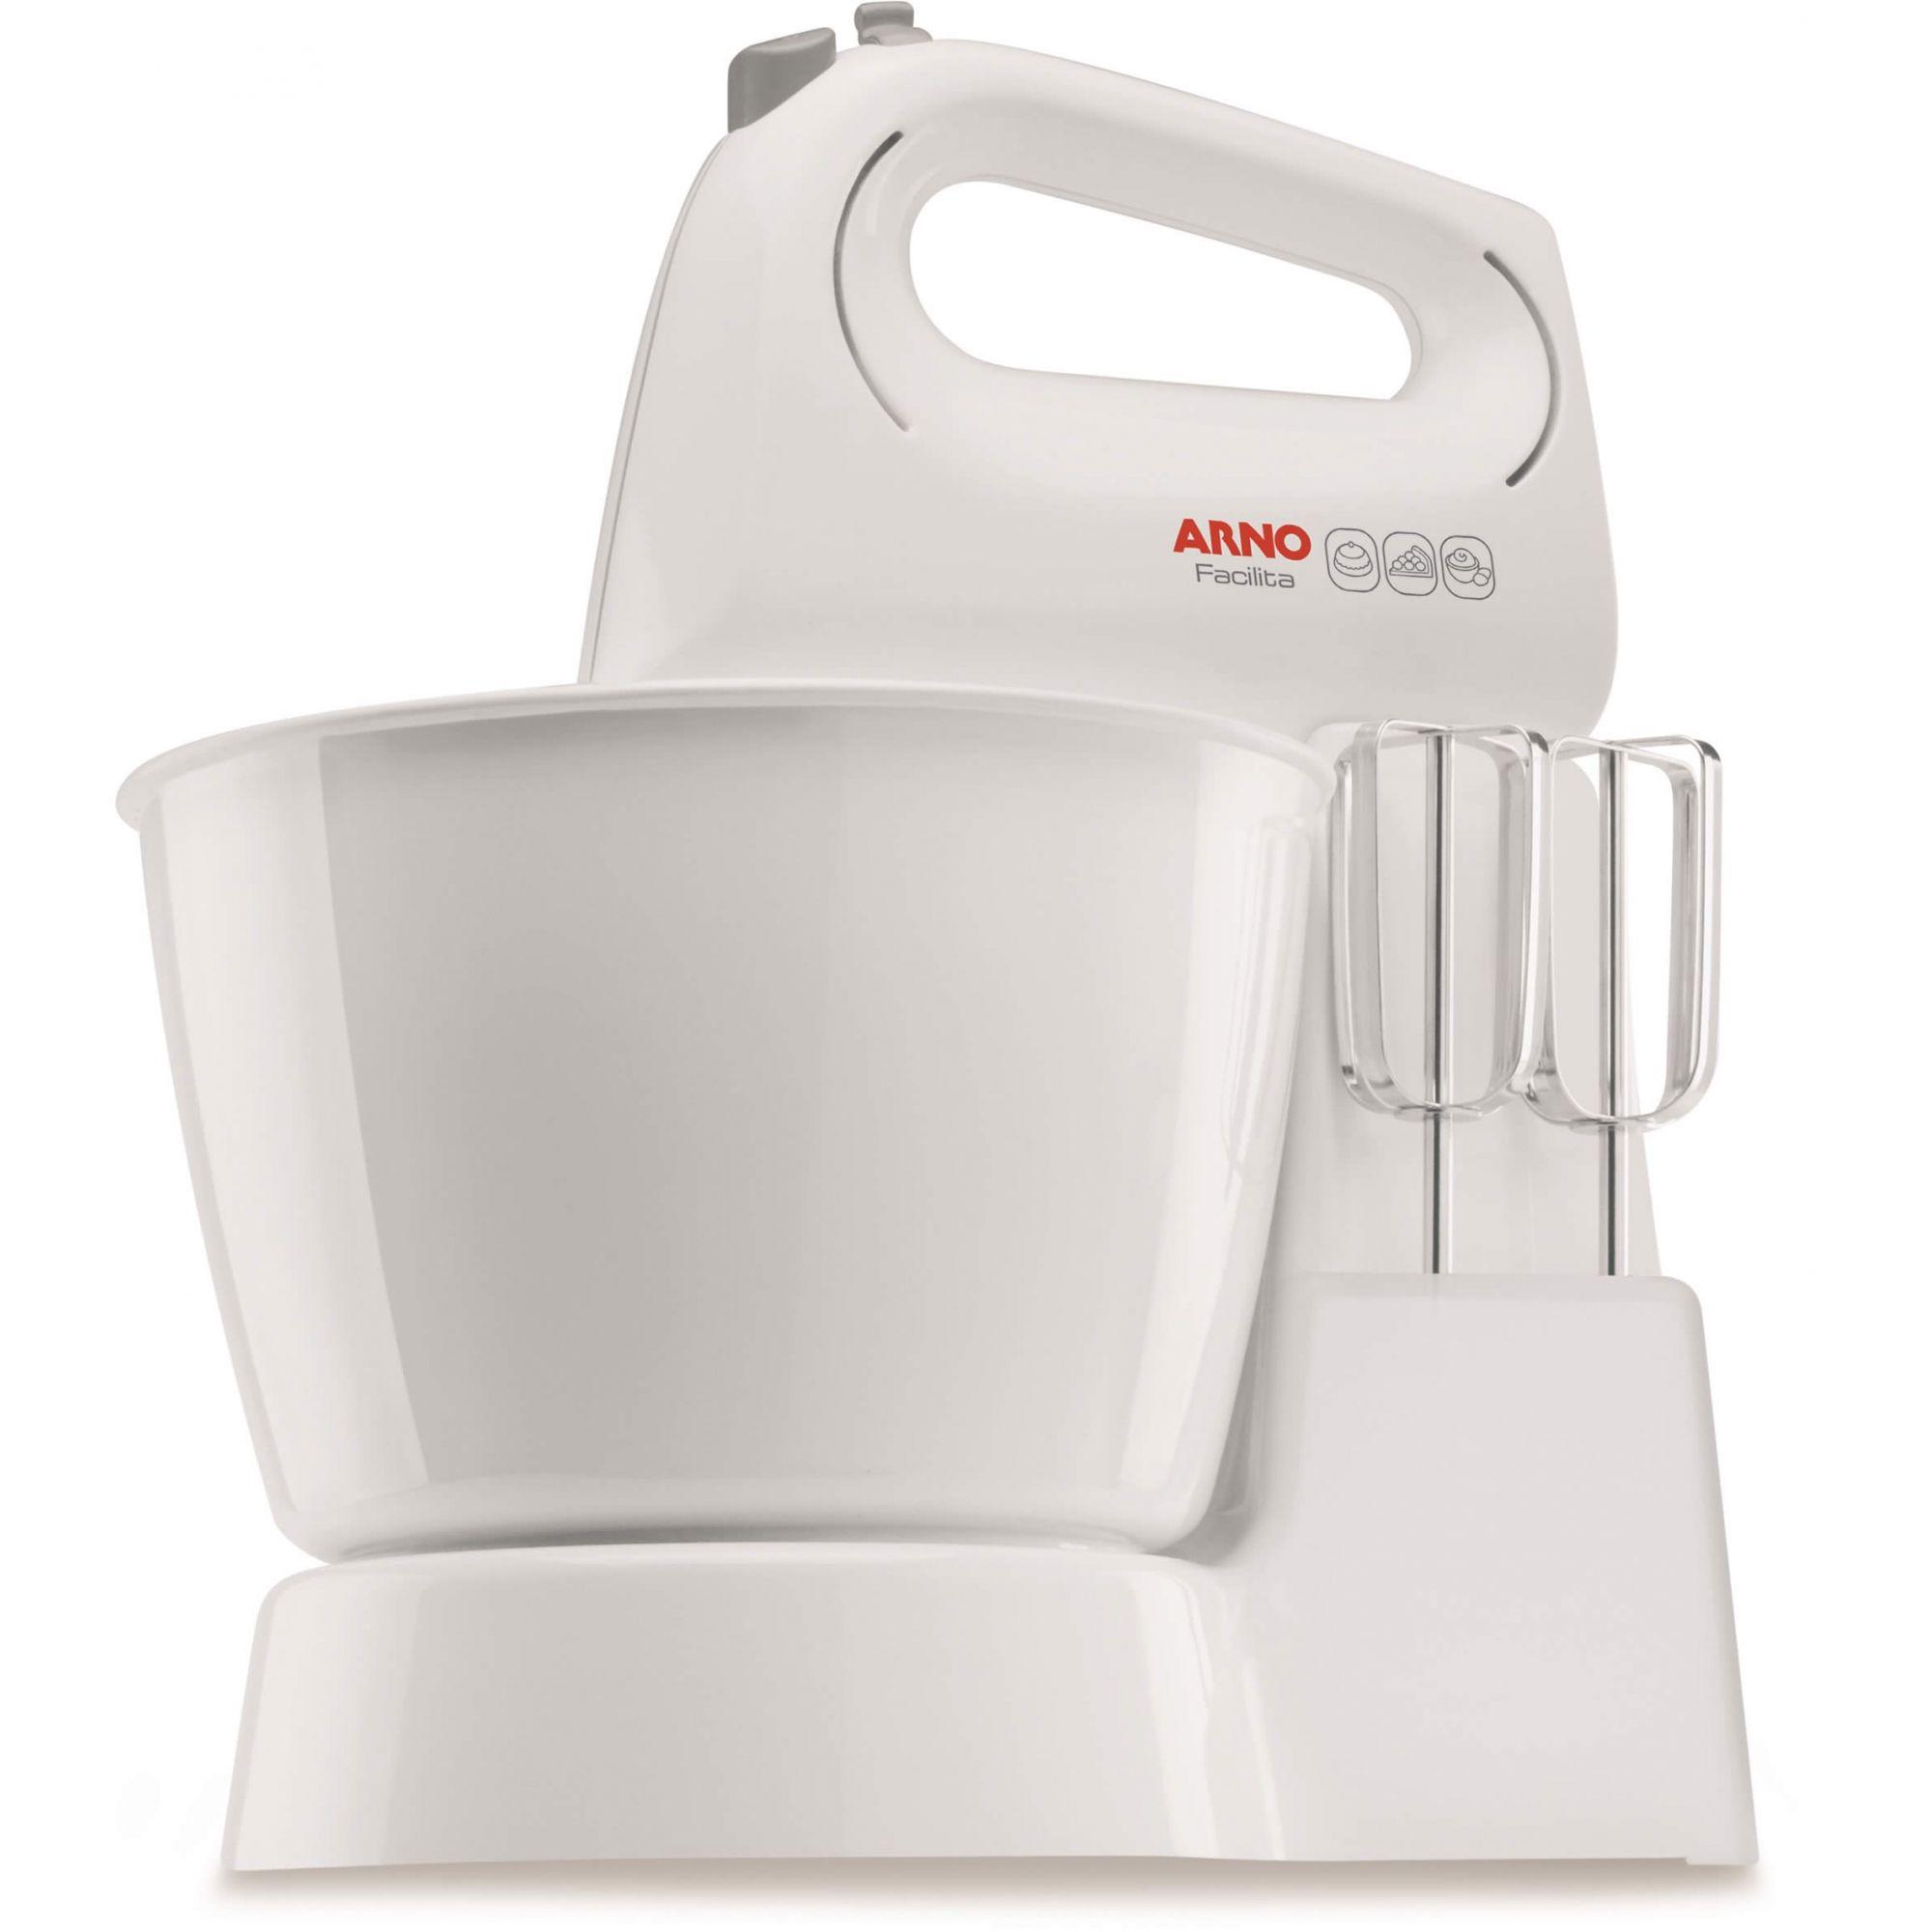 Batedeira Arno SX15 Facilita Branco